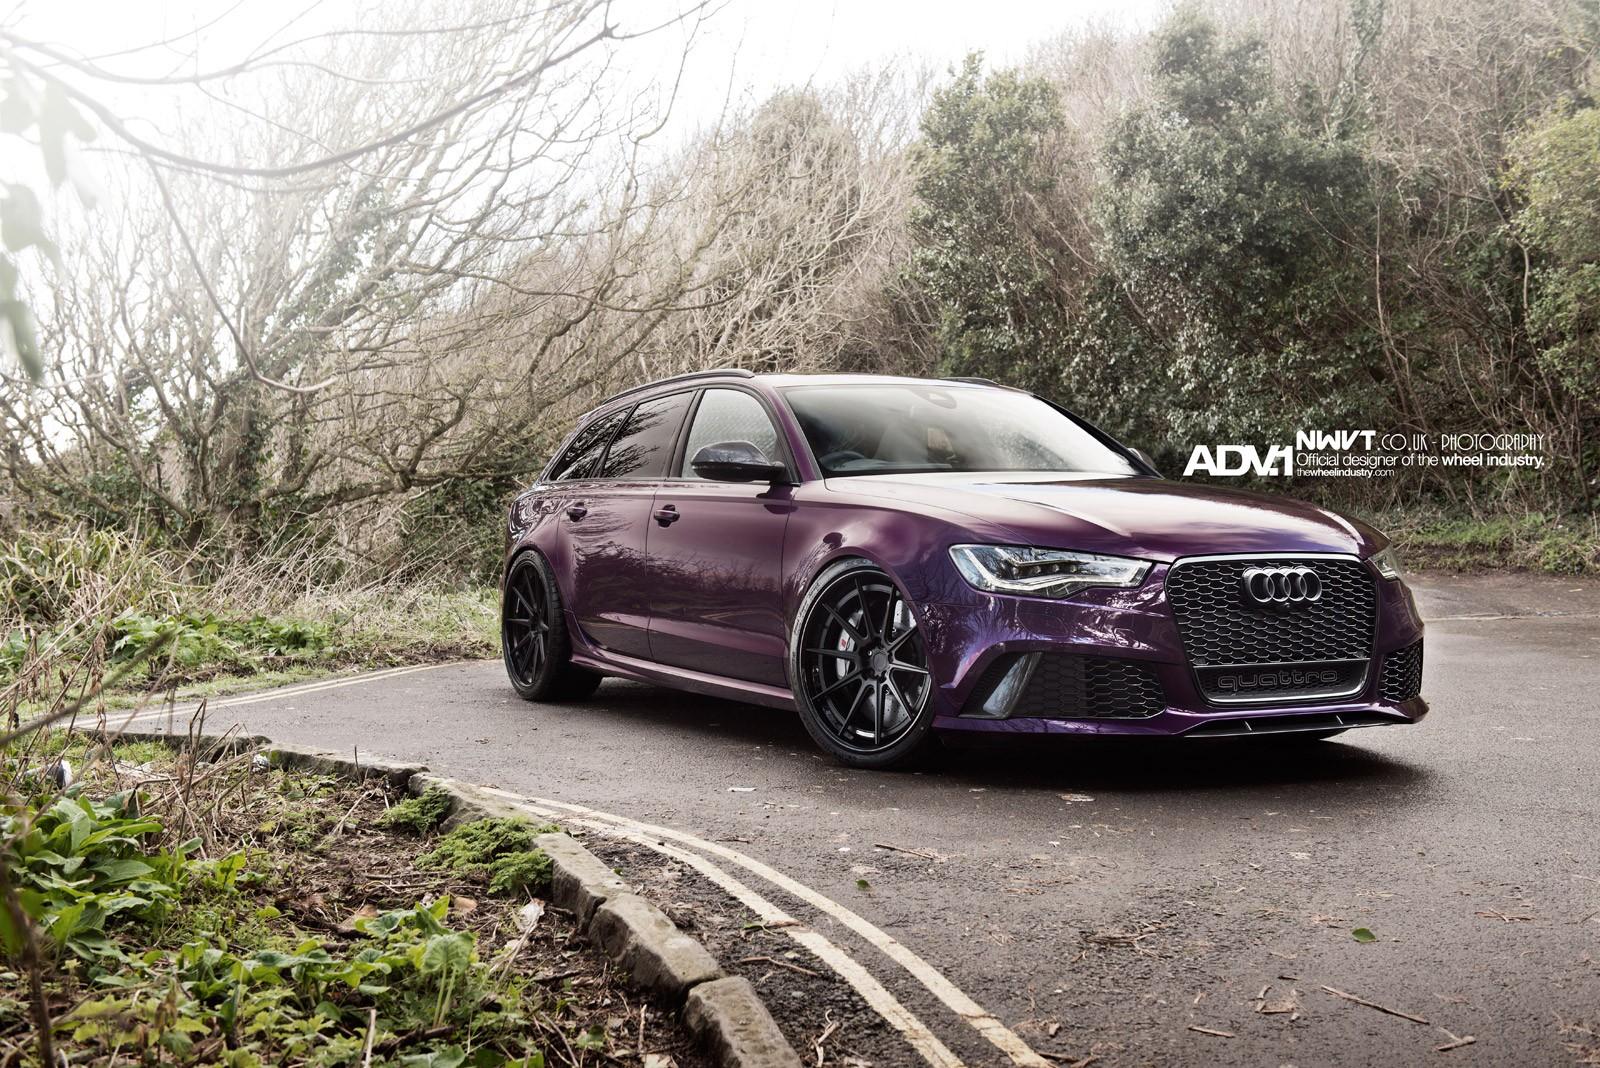 Wallpaper : purple, audi quattro, Quattro, sports car, Sedan